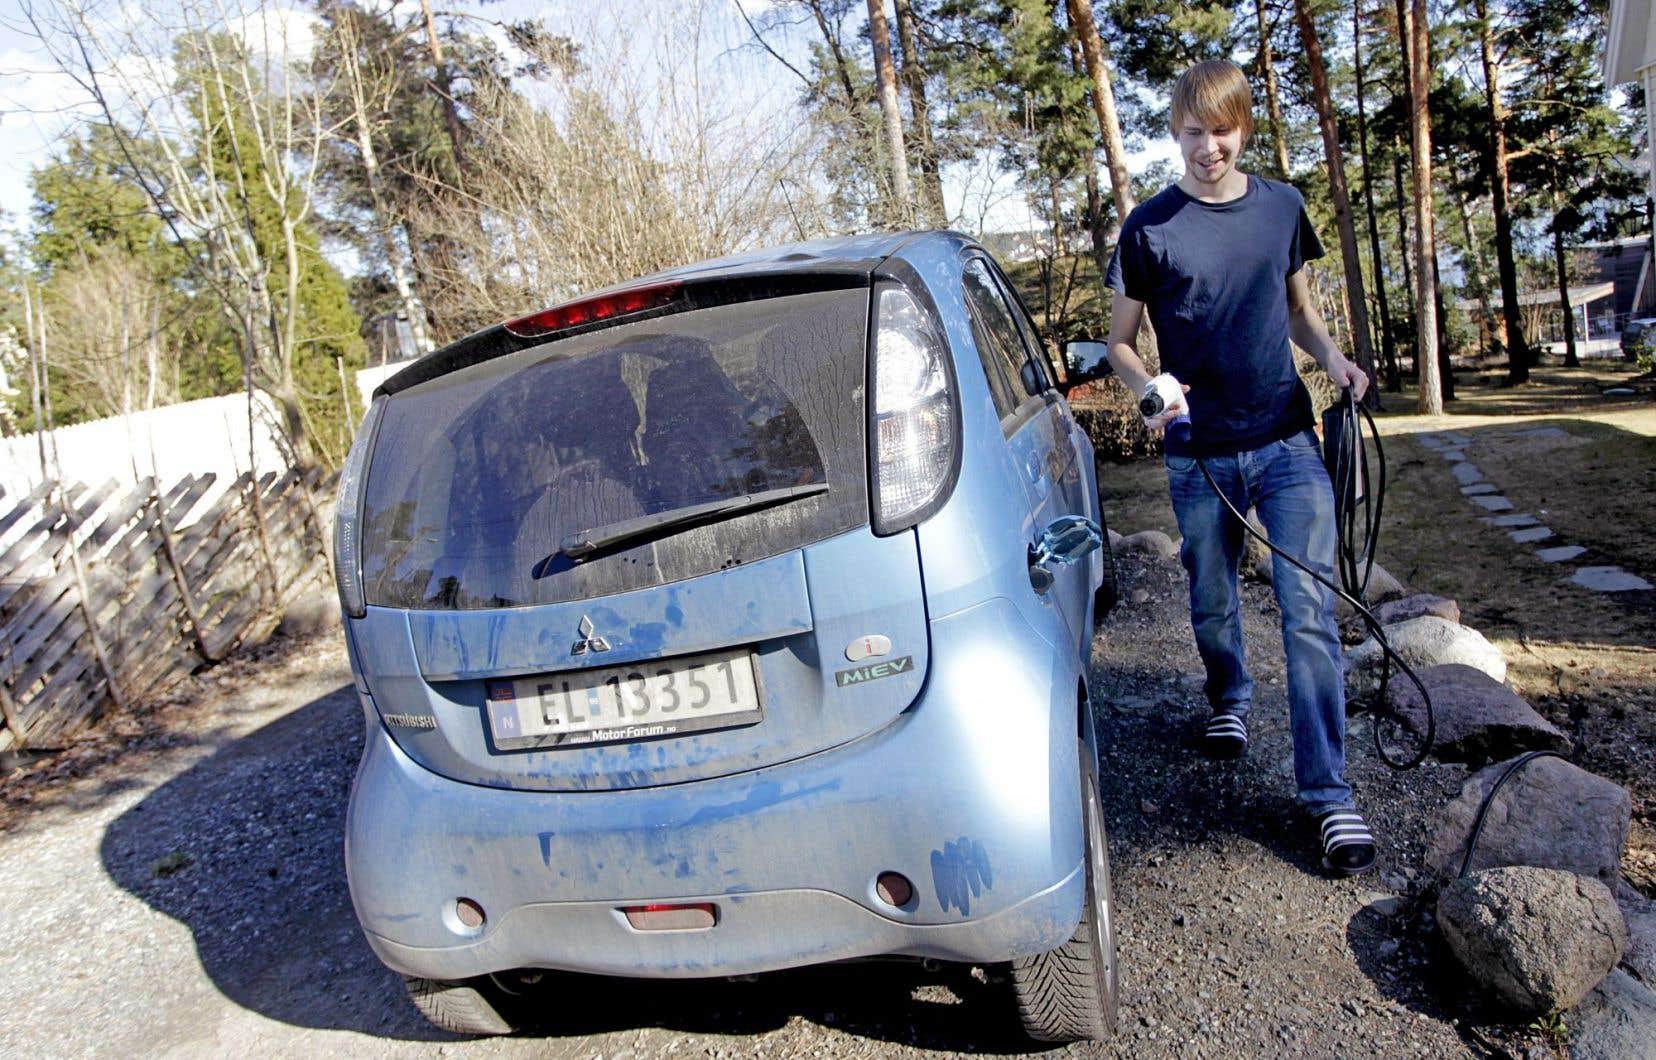 La Norvège compte environ 120000 véhicules électriques ou hybrides pour une population de quelque 5millions de personnes. Au Québec, on compte près de 14400 véhicules sur les routes.